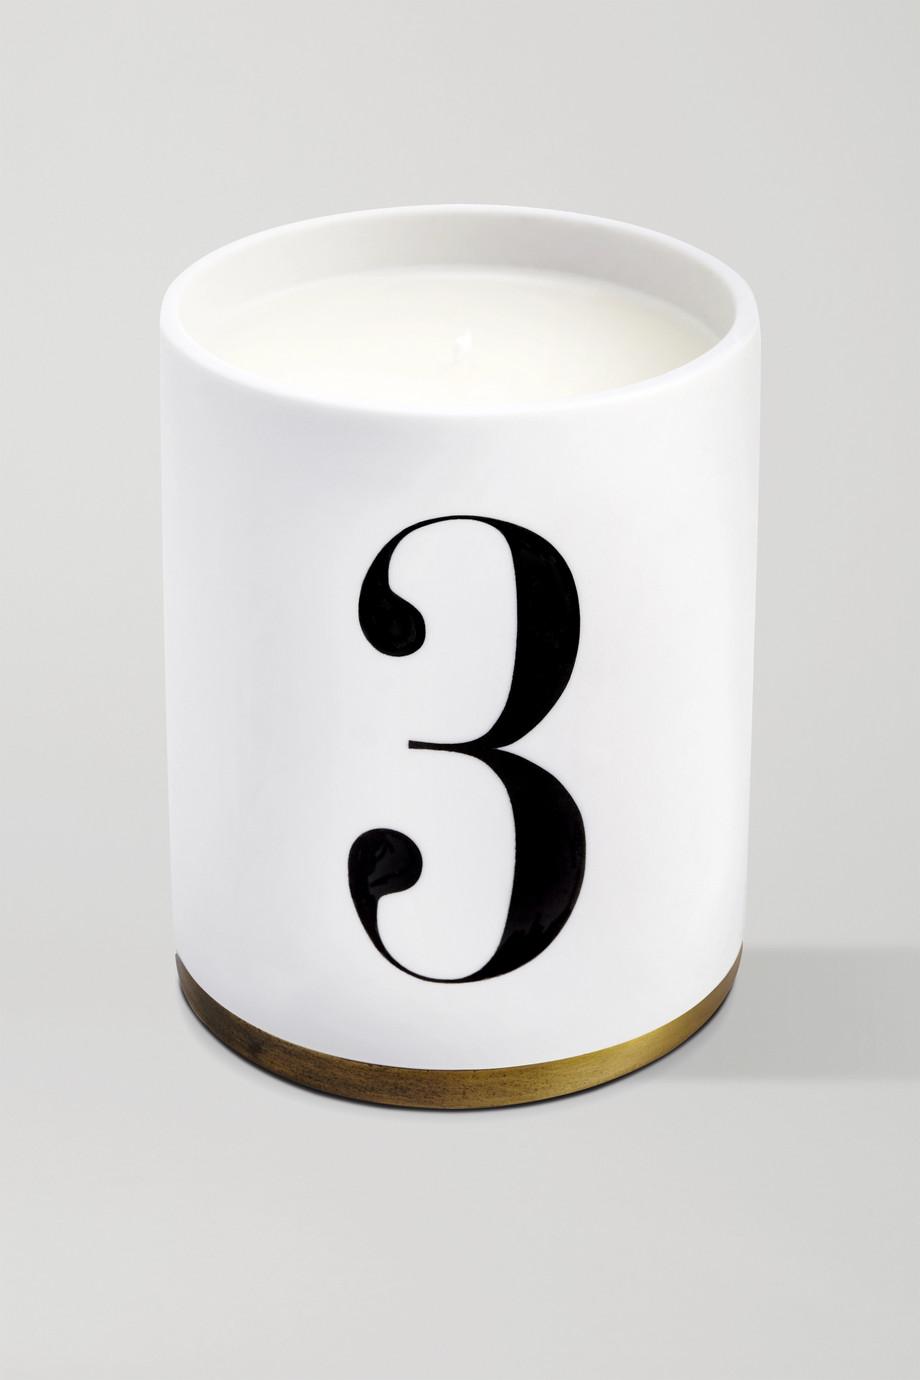 L'Objet Eau d'Égée No.3 scented candle, 350g